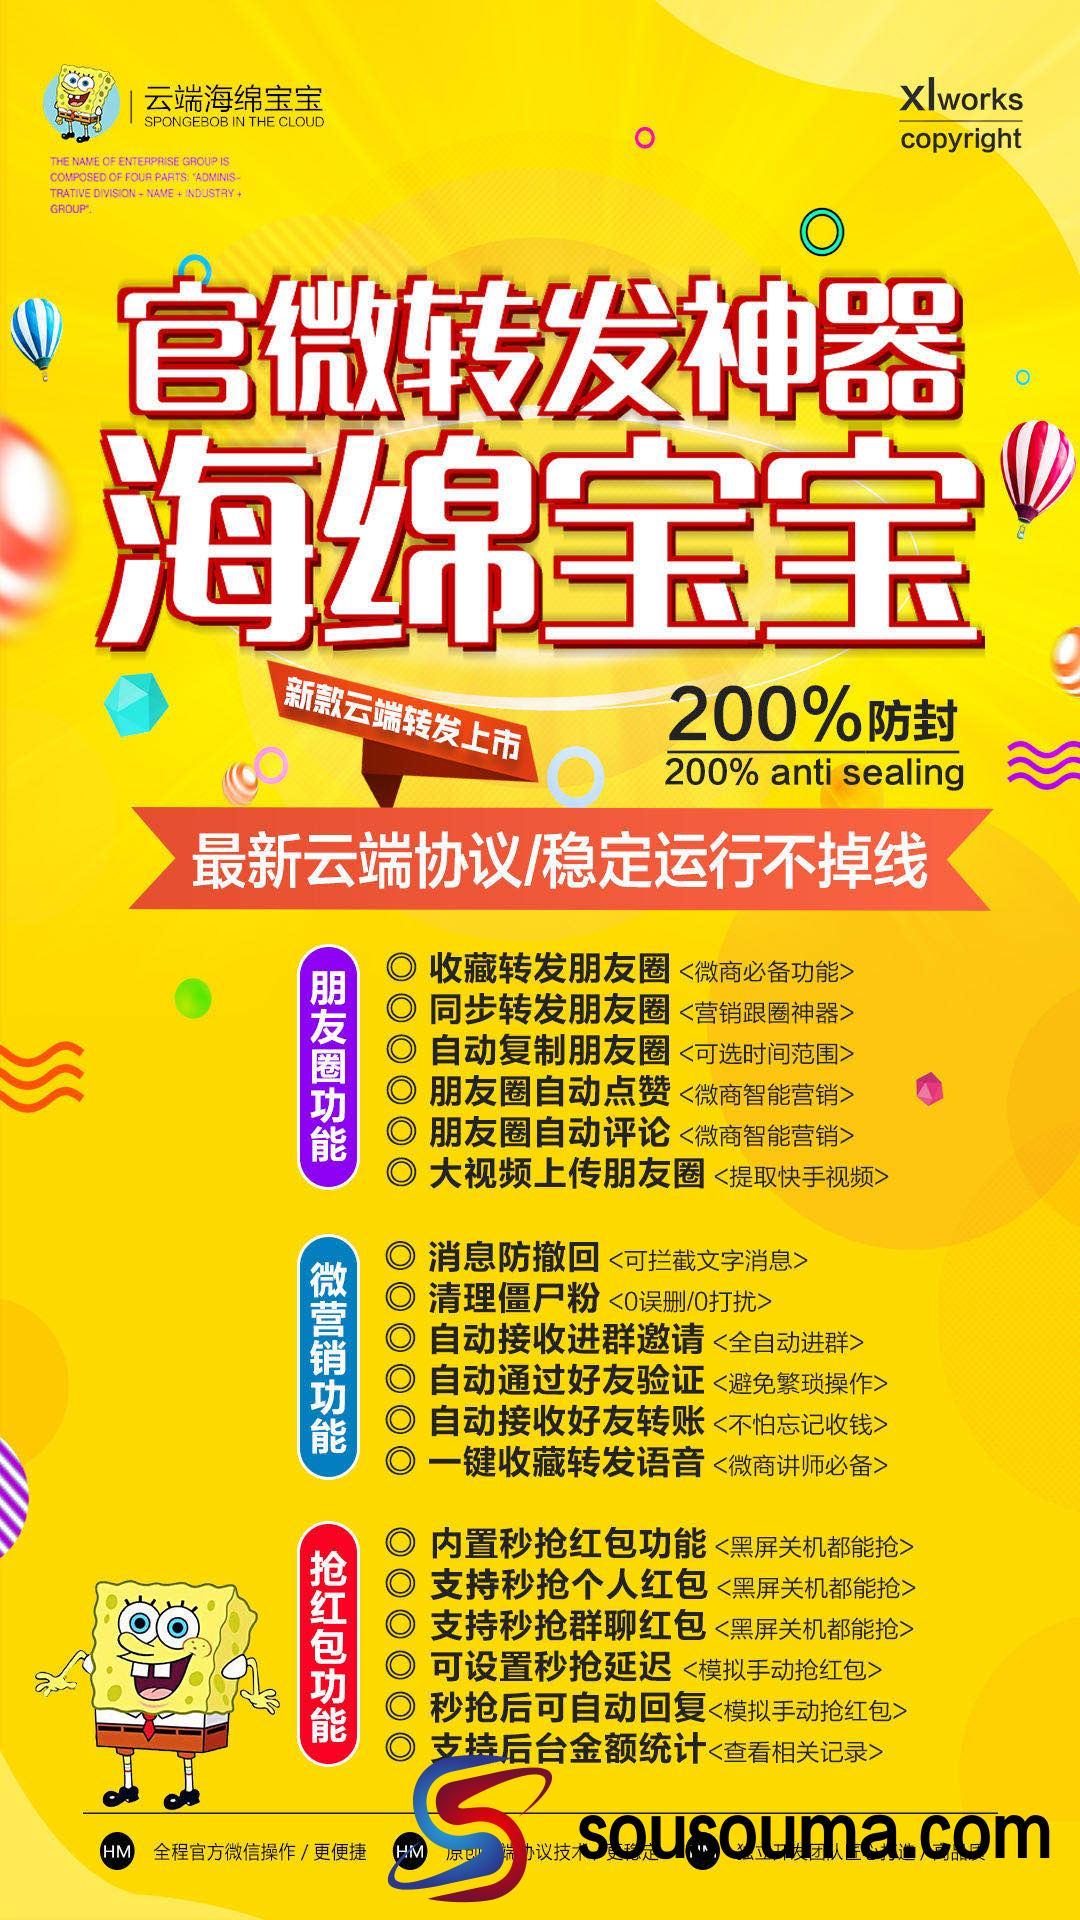 【海绵宝宝】新版多功能云端秒抢红包24小时不掉线稳定